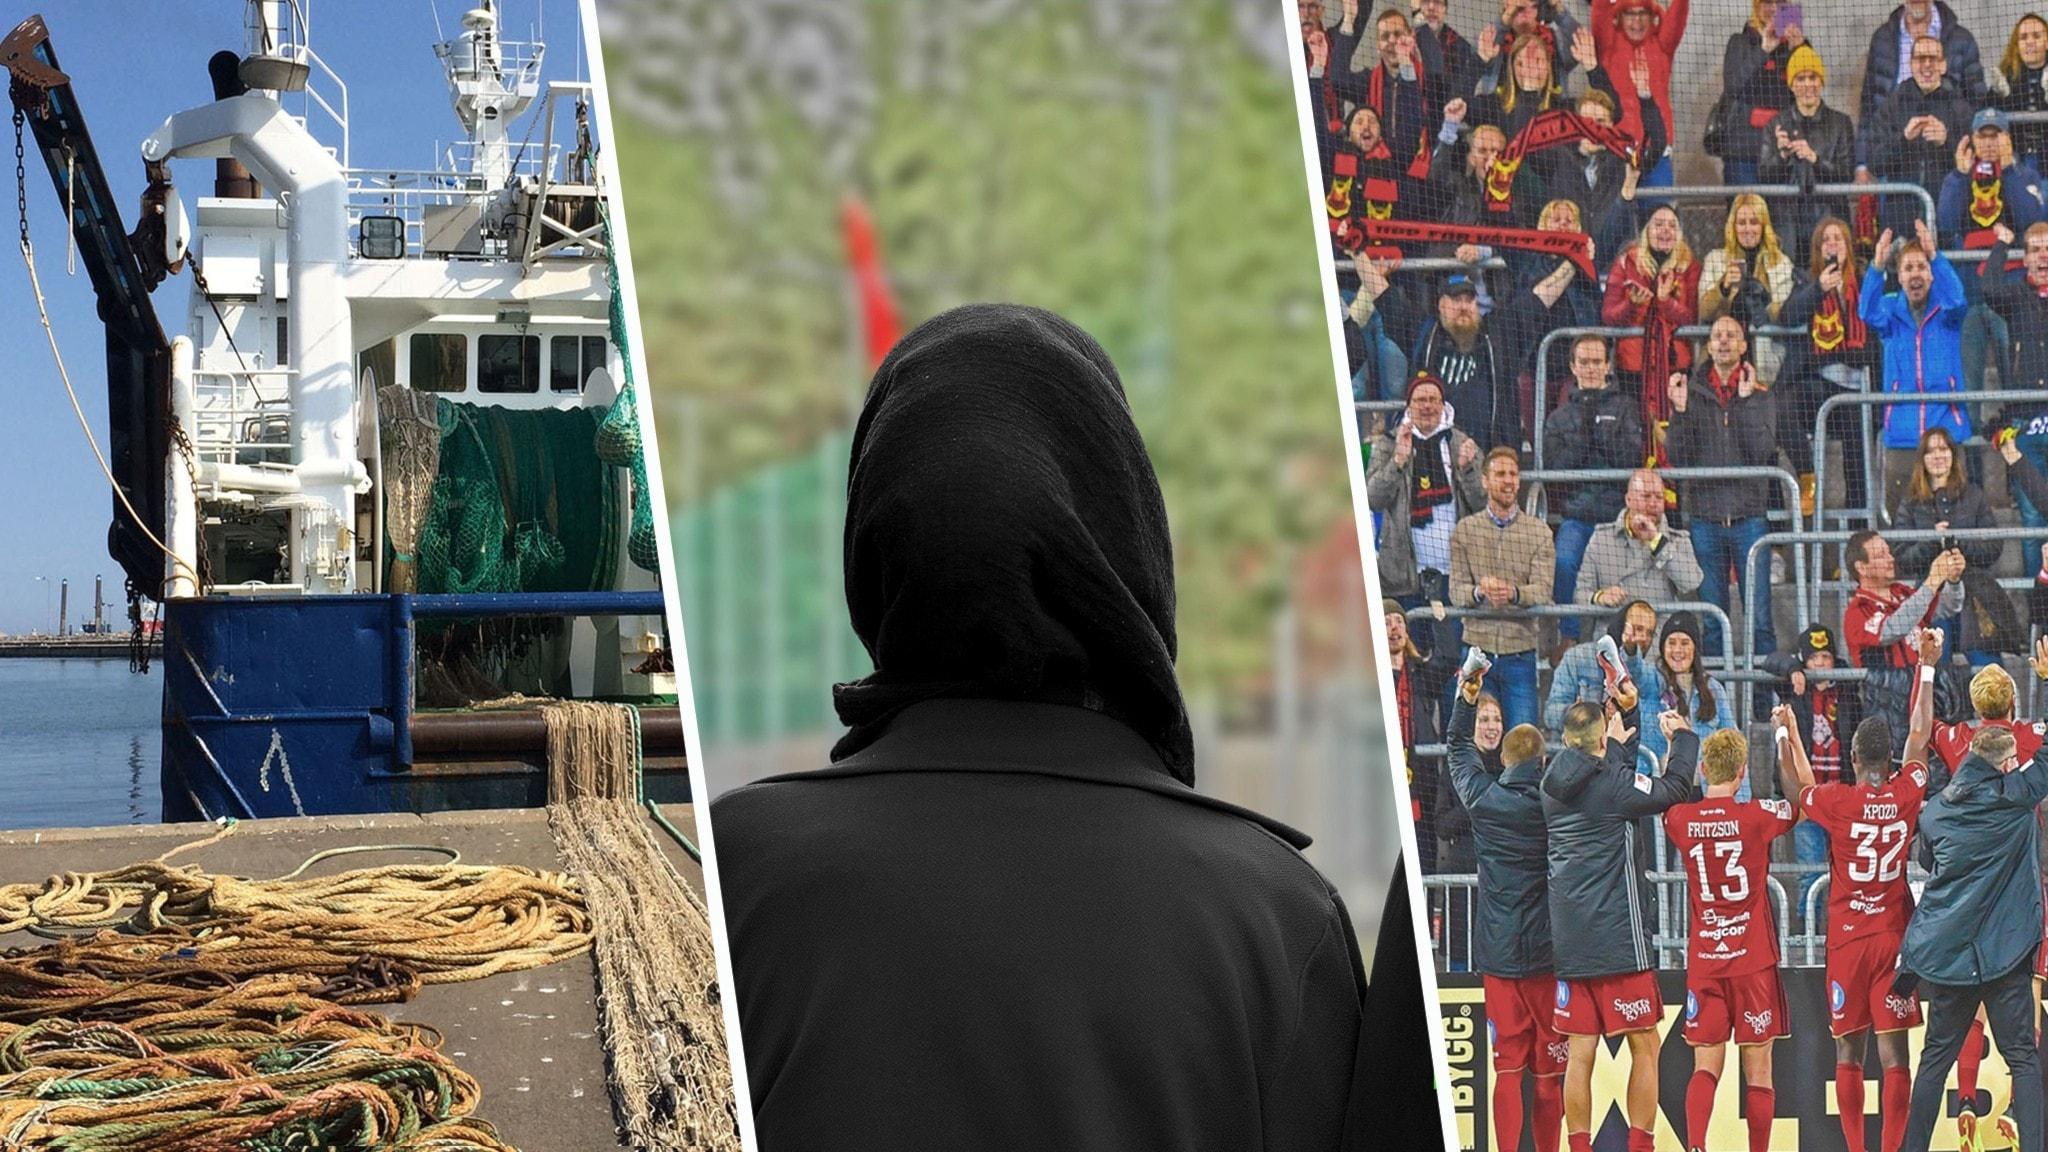 Kollage med en fiskebåt, en person i slöja och Östersunds fotbolls klubb framför en läktare full av människor.